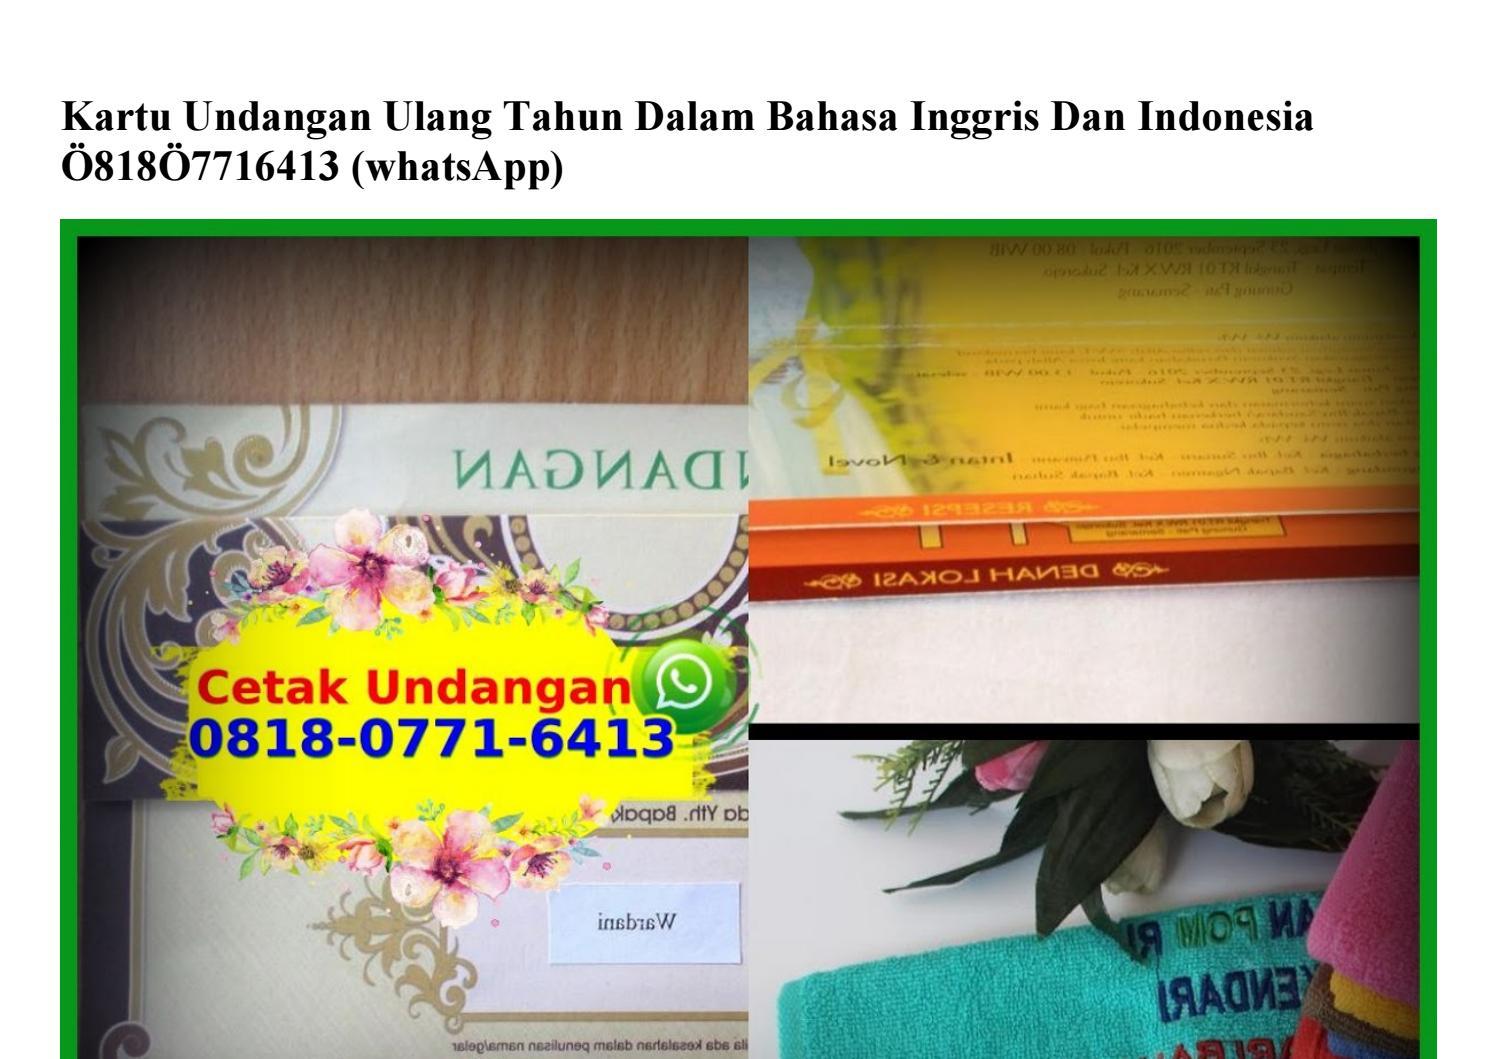 Kartu Undangan Ulang Tahun Dalam Bahasa Inggris Dan Indonesia 08i8 077i 64i3 Wa By Vendor Hargasupplier Issuu